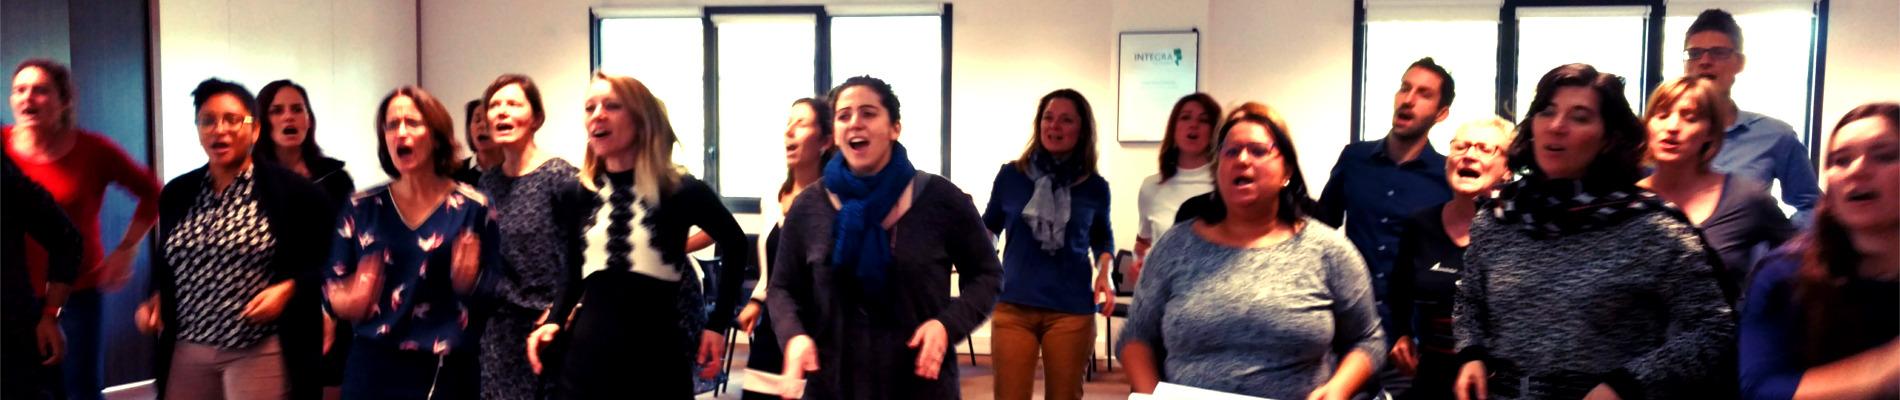 Répétition de chorale en entreprise